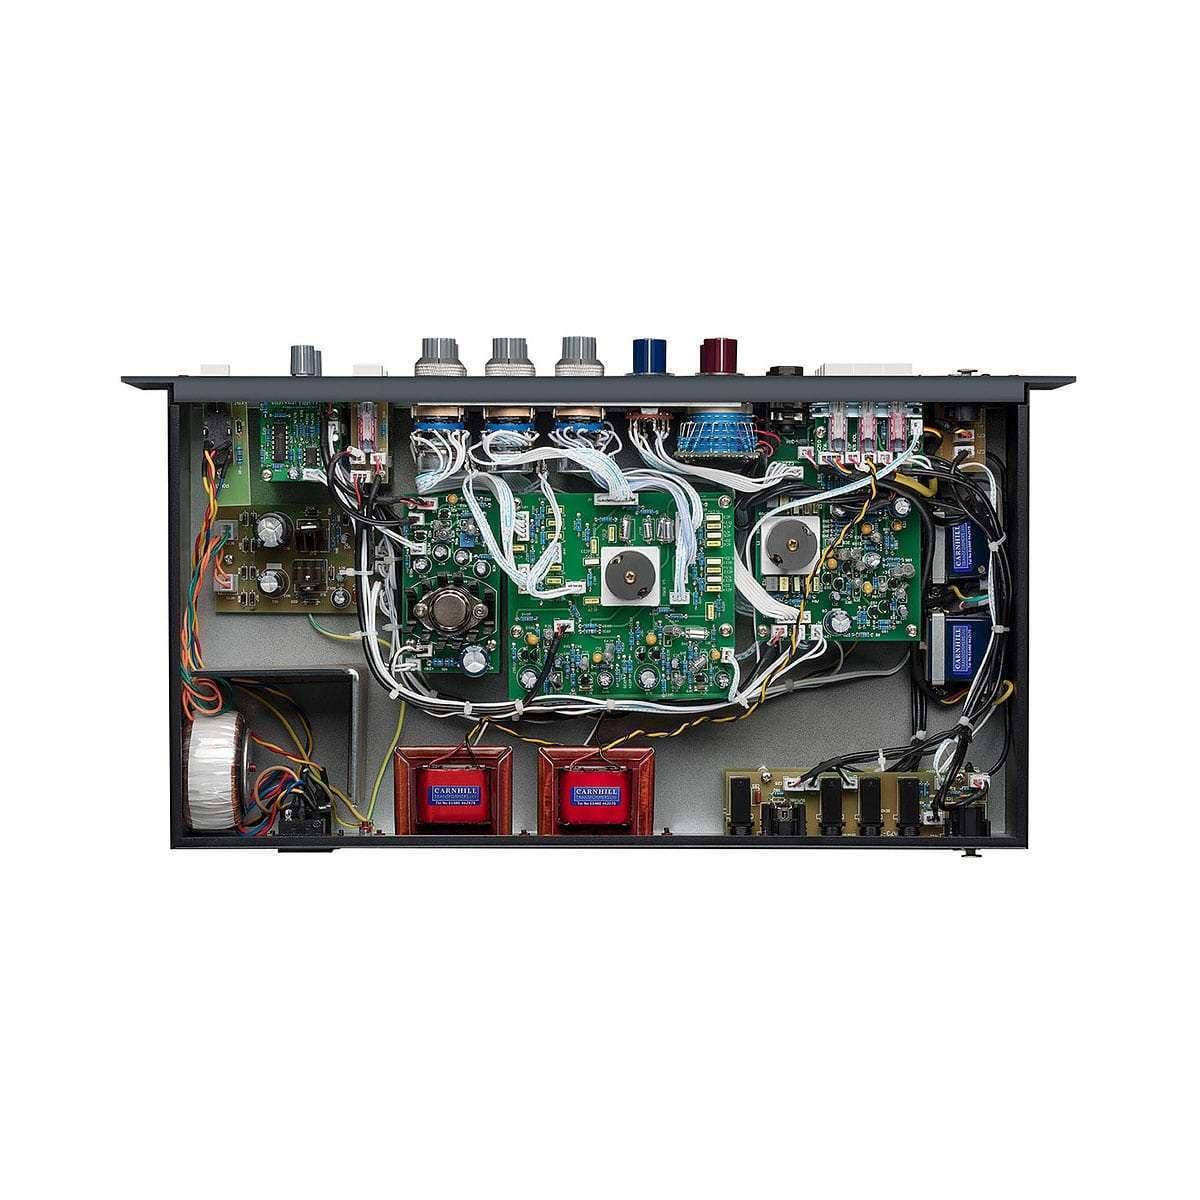 Warm Audio WA273 EQ 03 Strumentazioni Pro Audio per studi di registrazione, Outboard professionale analogico, Preamplificatori microfonici in formato Rack e Serie 500, Equalizzatori audio professionale